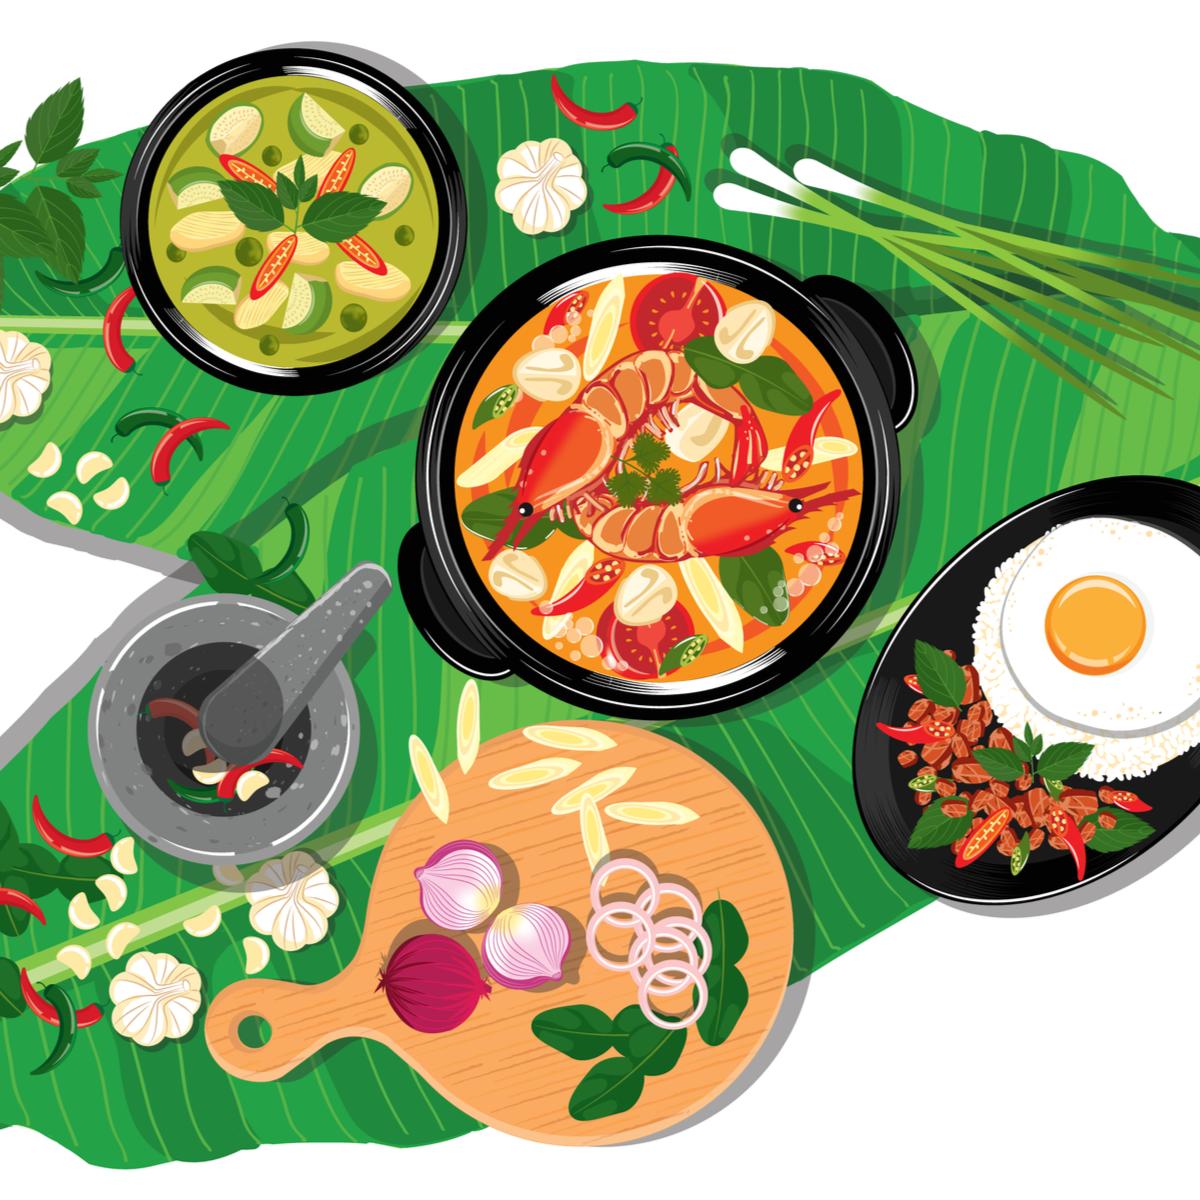 อาหารและเครื่องดื่ม/อาหารไทย-หมวดหมู่-หน้าปก-อุ๊คบี